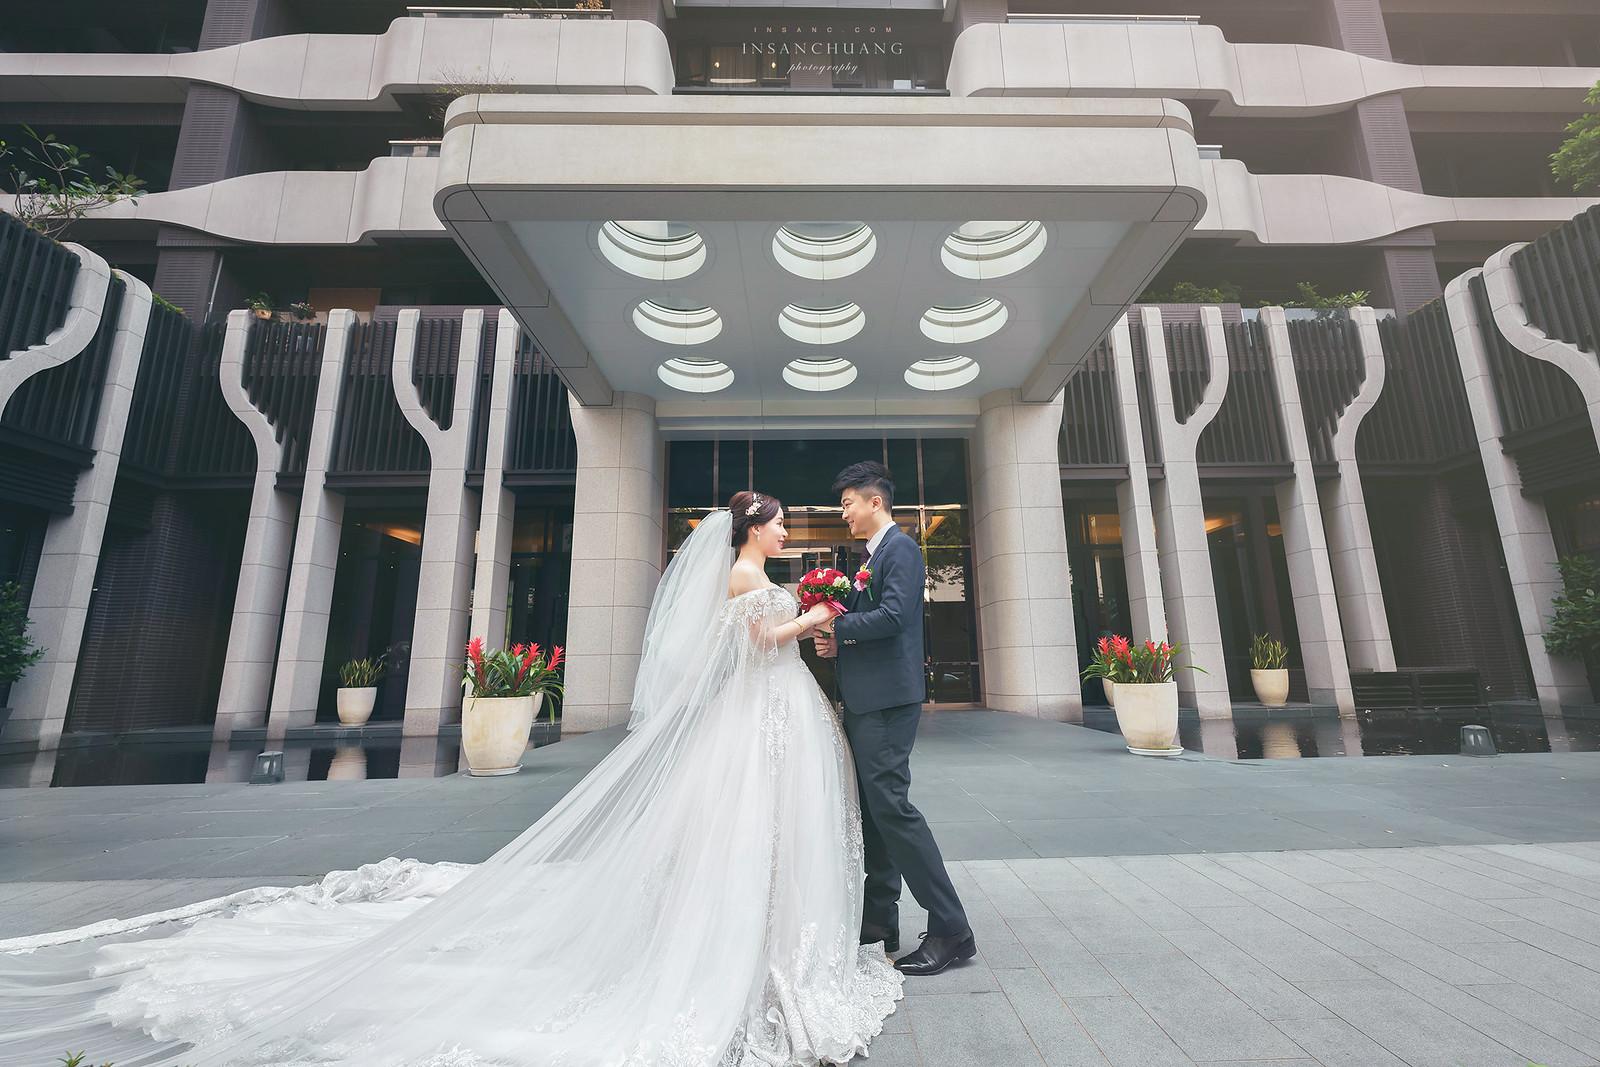 婚攝英聖-新莊-晶宴會館-c劇場-婚攝英聖-新莊晶宴-20210327114328-1920